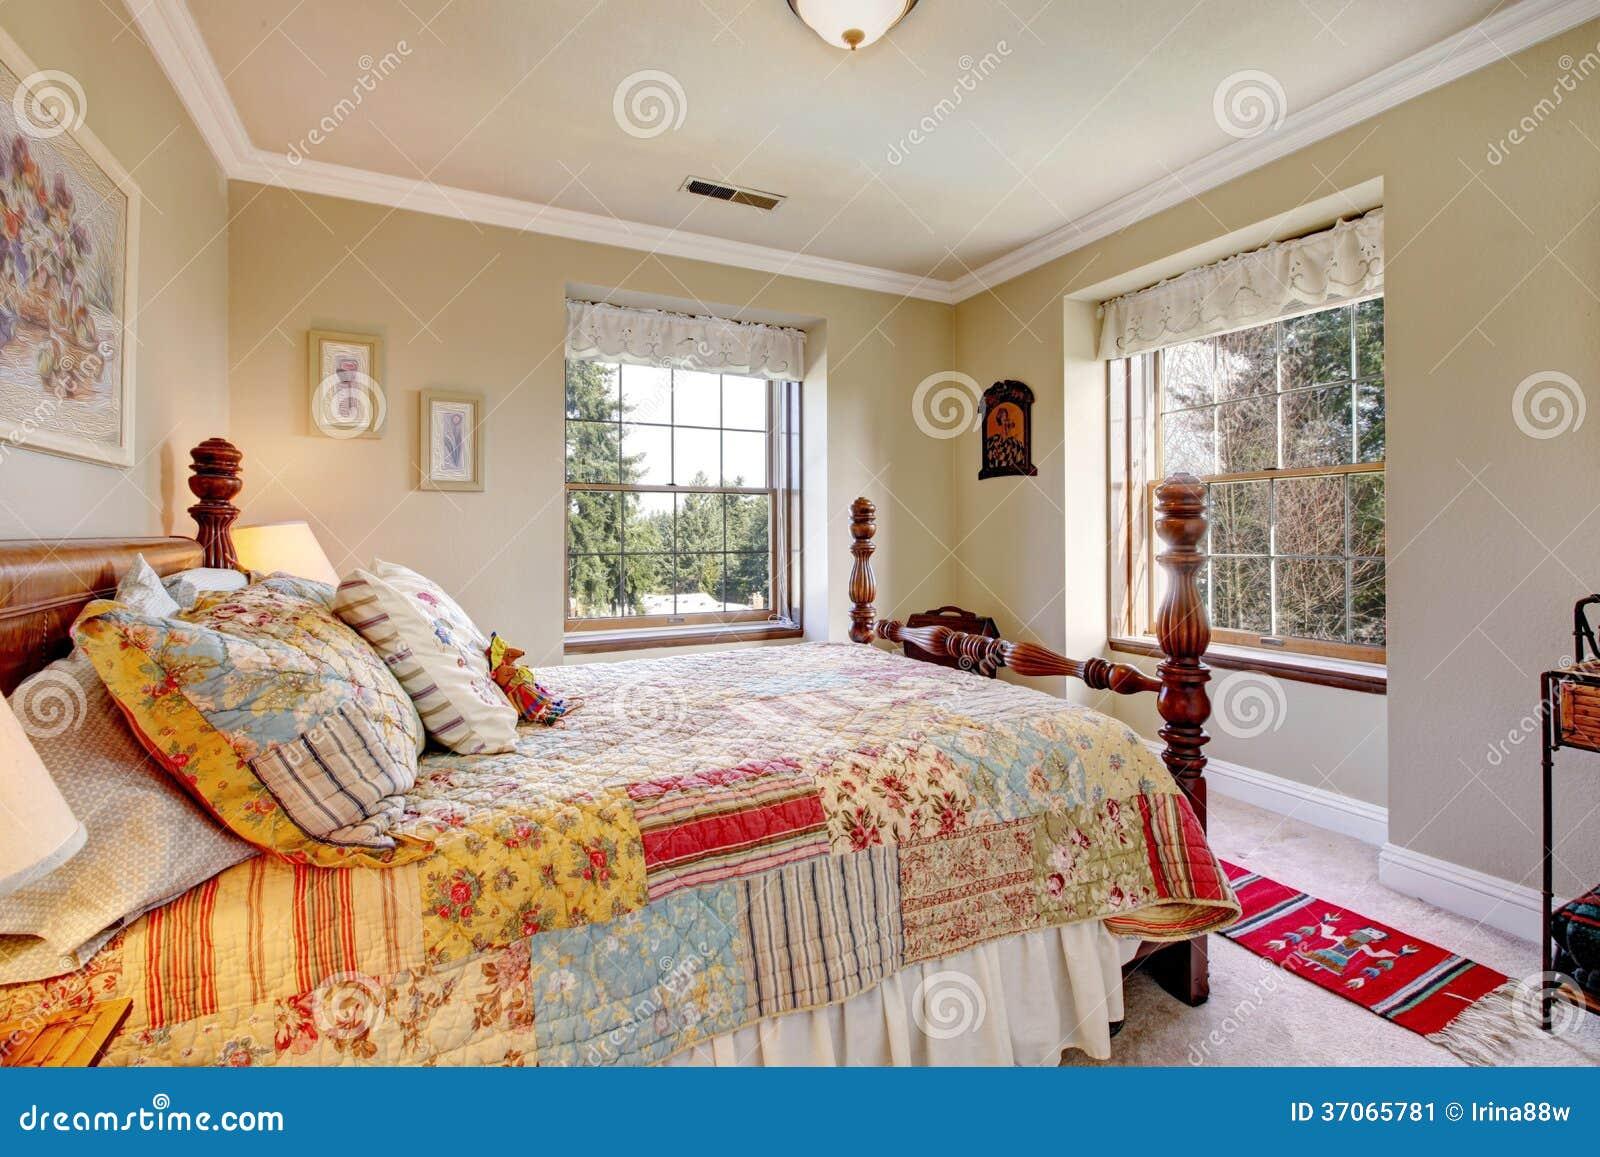 Camera da letto di colori caldi con un letto antiquato immagine stock immagine di americano - Parti di un letto ...